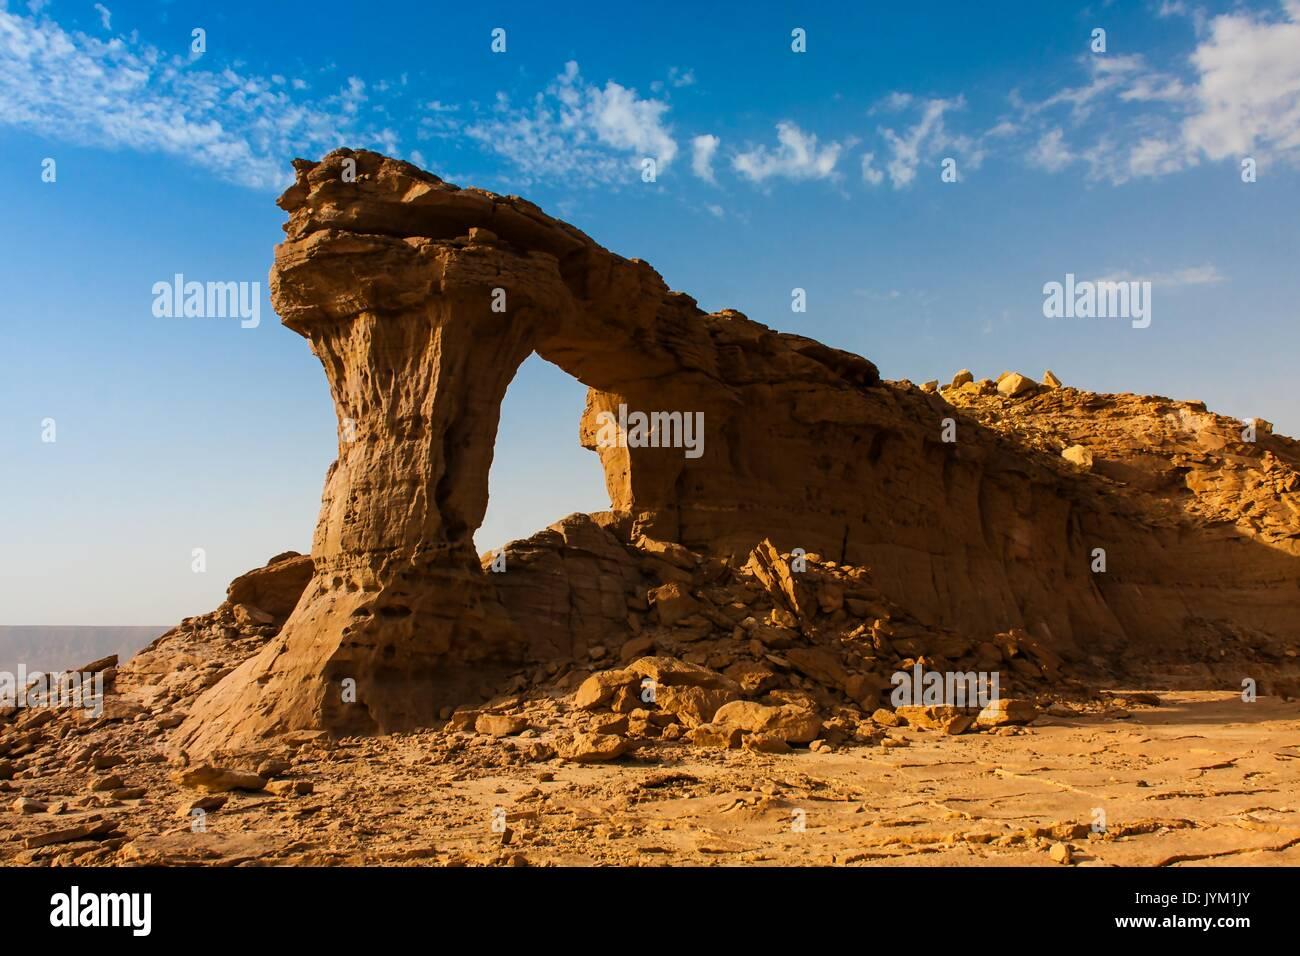 El arco natural de Riyadh, Arabia Saudita Imagen De Stock